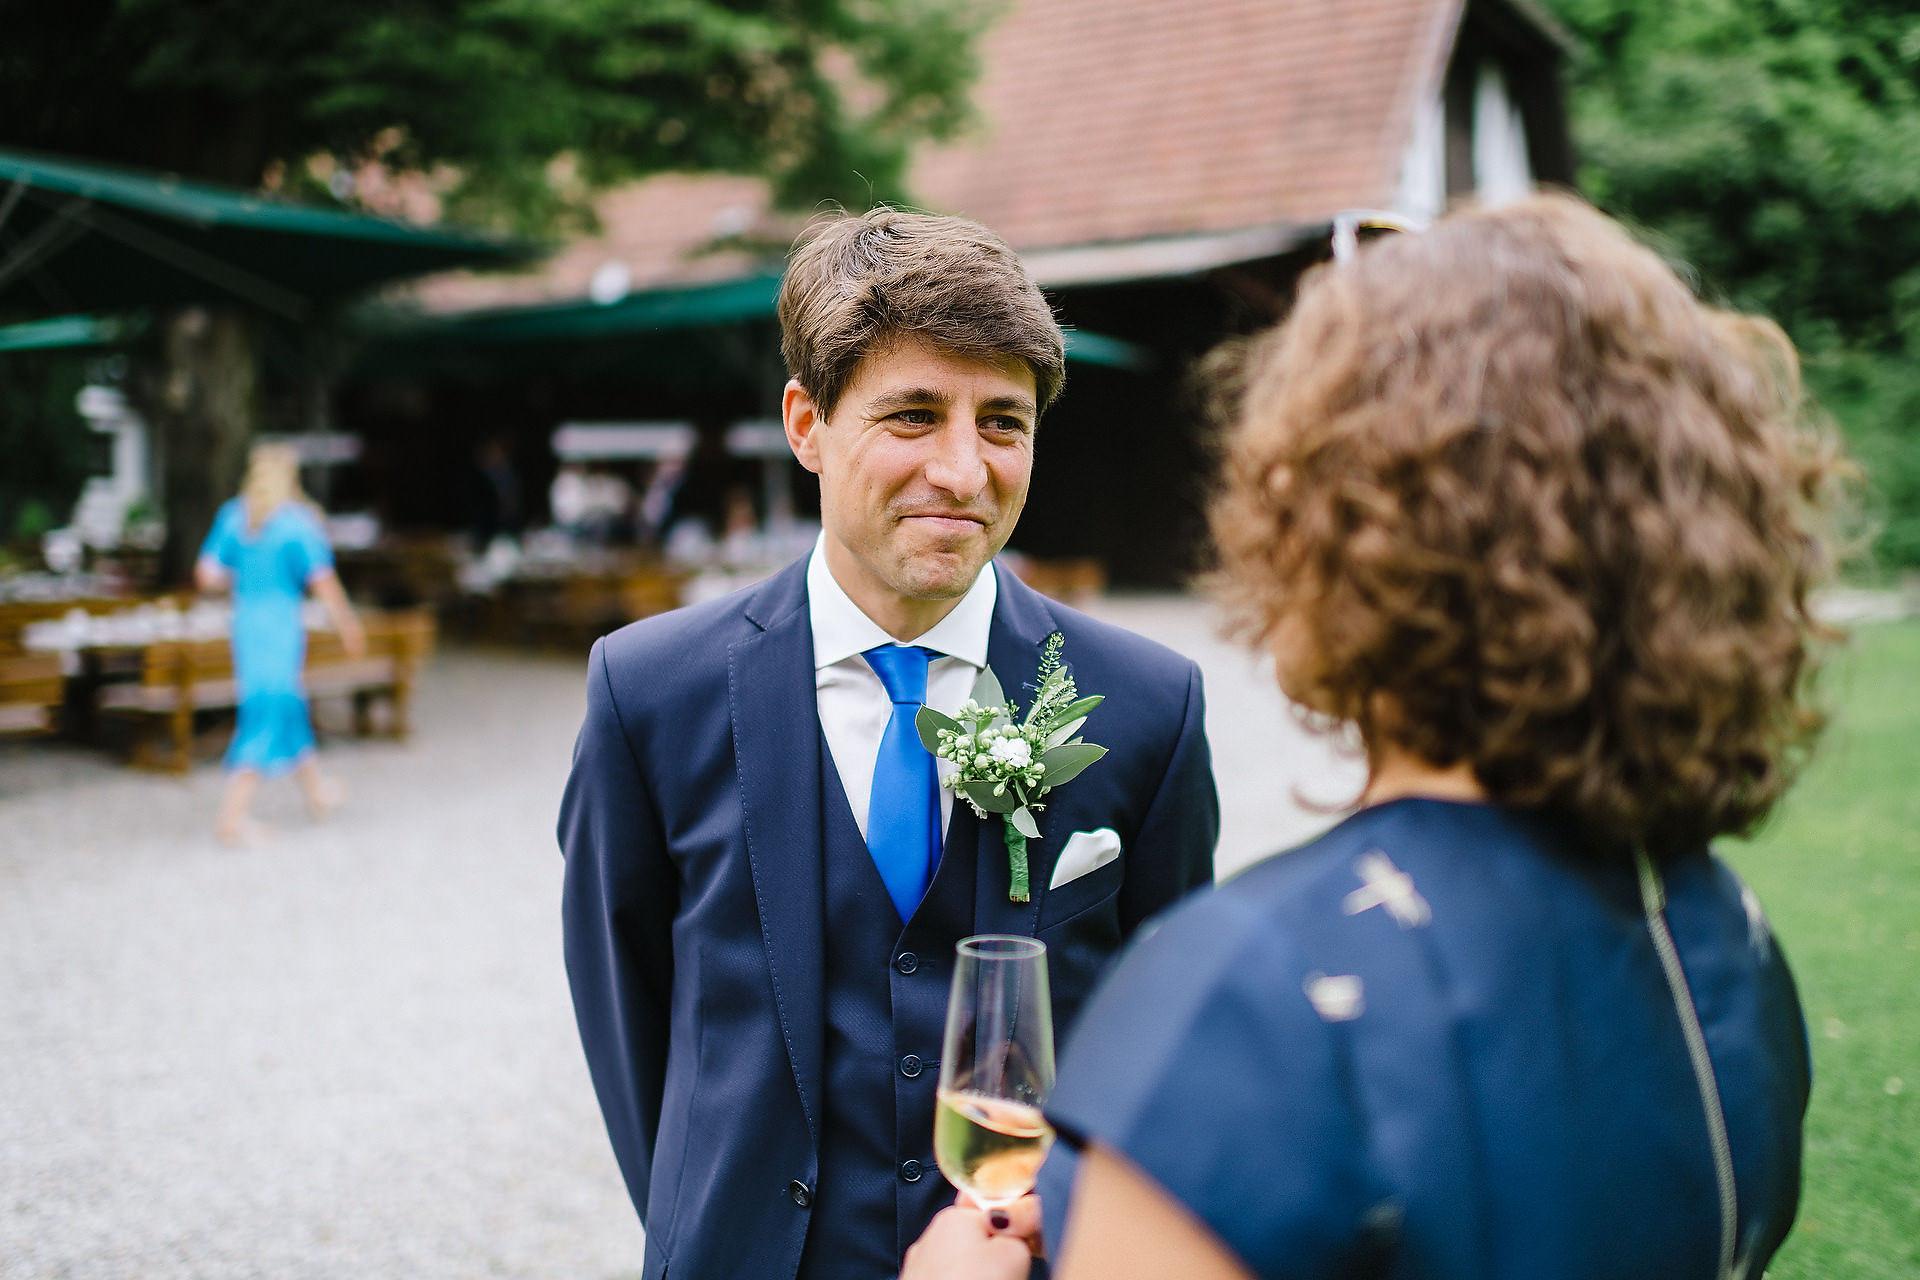 Fotograf Konstanz - Hochzeitsreportage Freiburg Hofgut Lilienhof Hochzeit Fotograf Konstanz 39 - Hochzeit in Freiburg und Hofgut Lilienhof  - 35 -